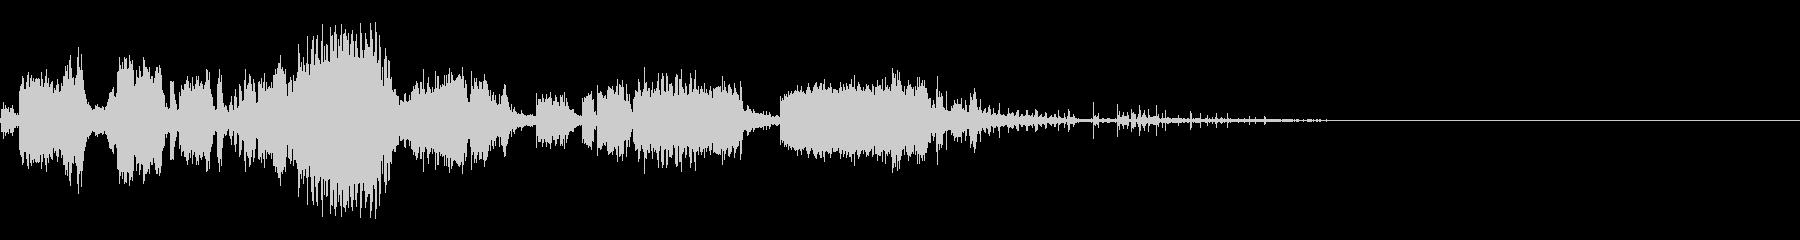 スパーク音-33の未再生の波形